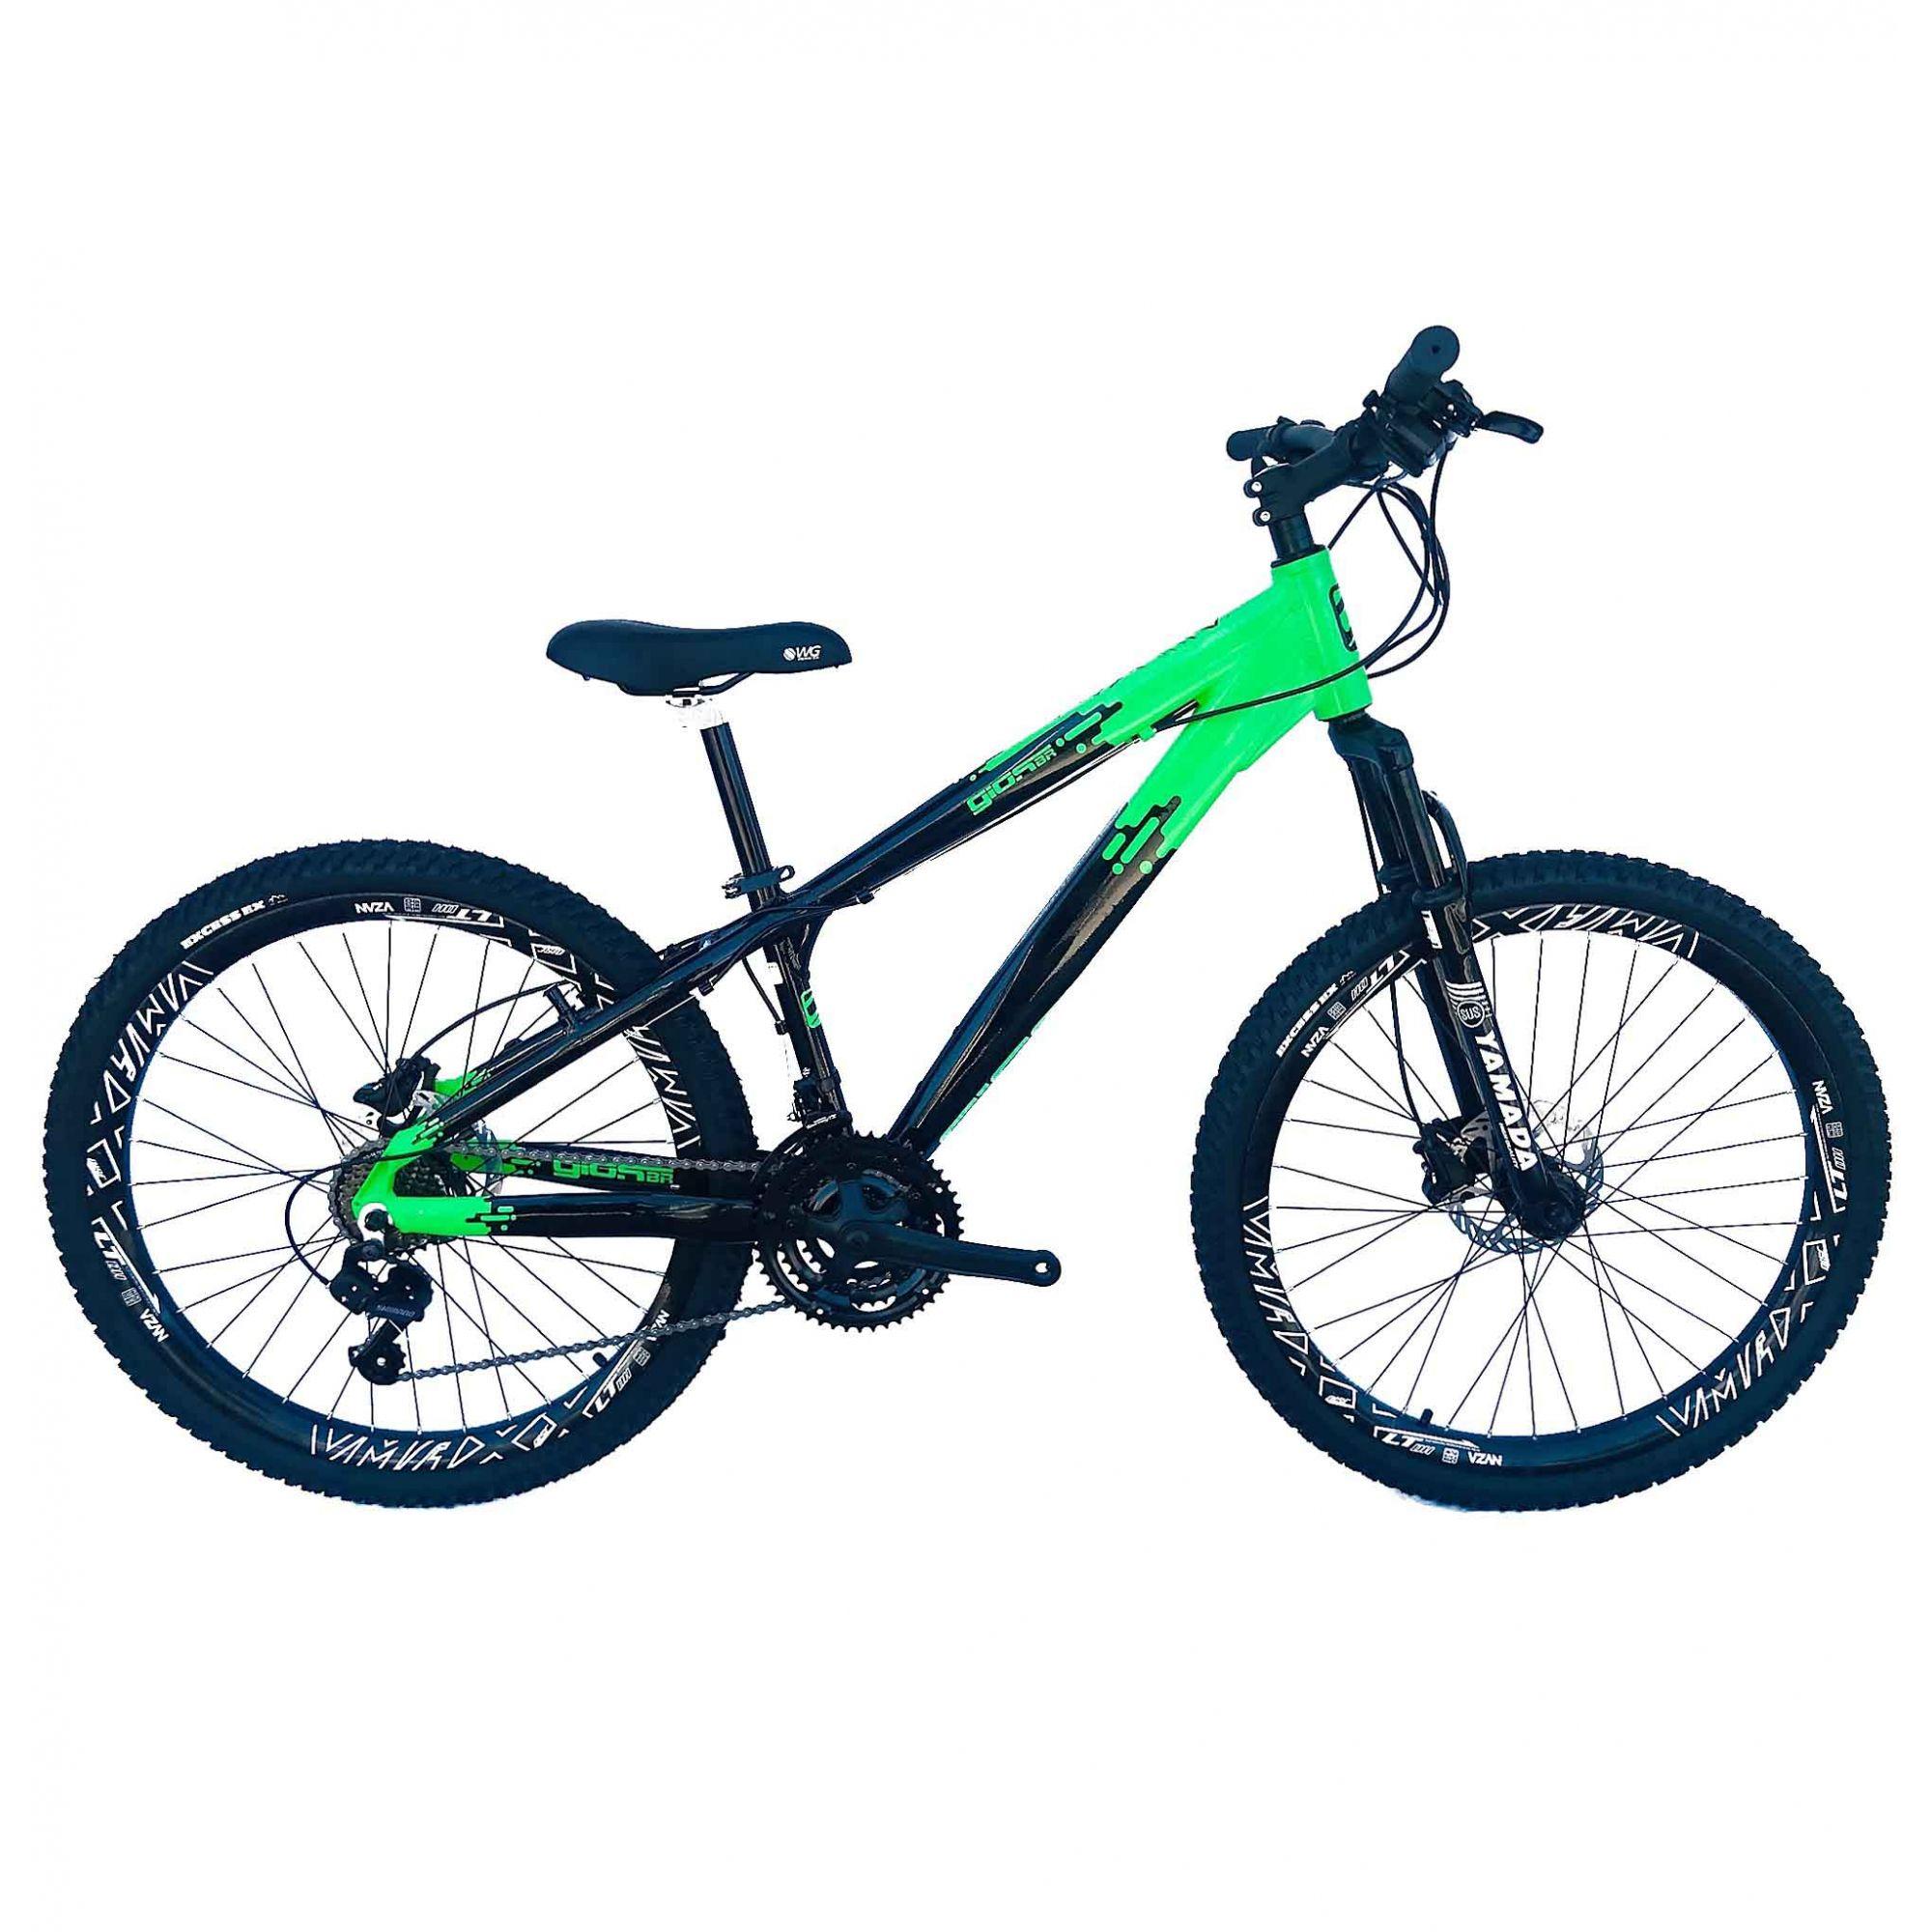 Bicicleta Gios Frx 3ª Geração 21v Cambios Shimano Freio Hidraulico  Garfo 29